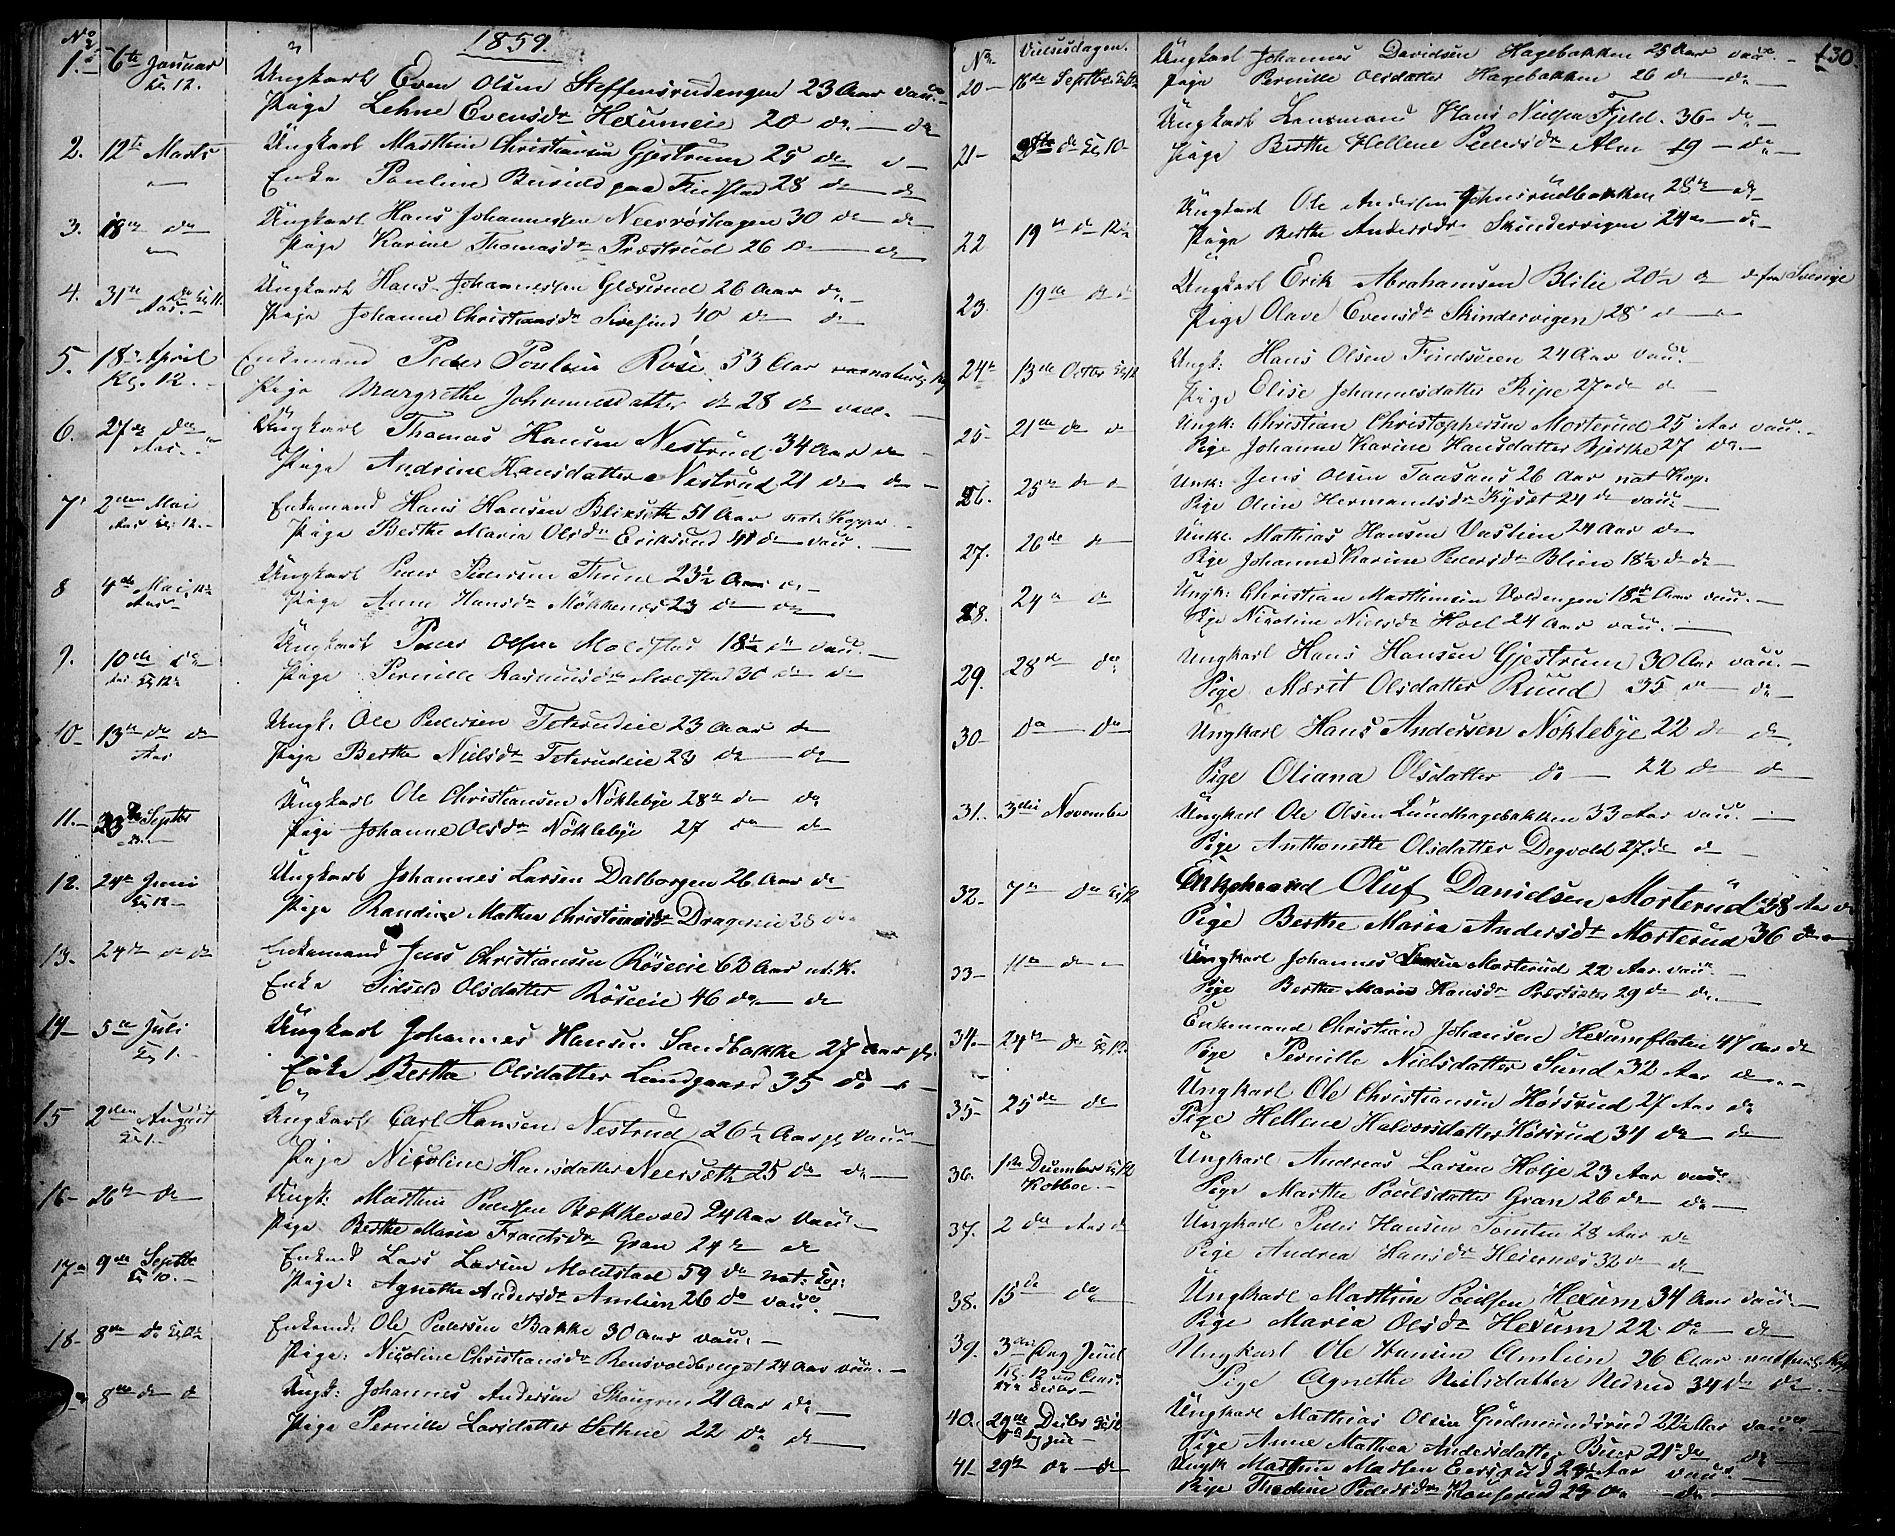 SAH, Vestre Toten prestekontor, H/Ha/Hab/L0005: Klokkerbok nr. 5, 1854-1870, s. 130